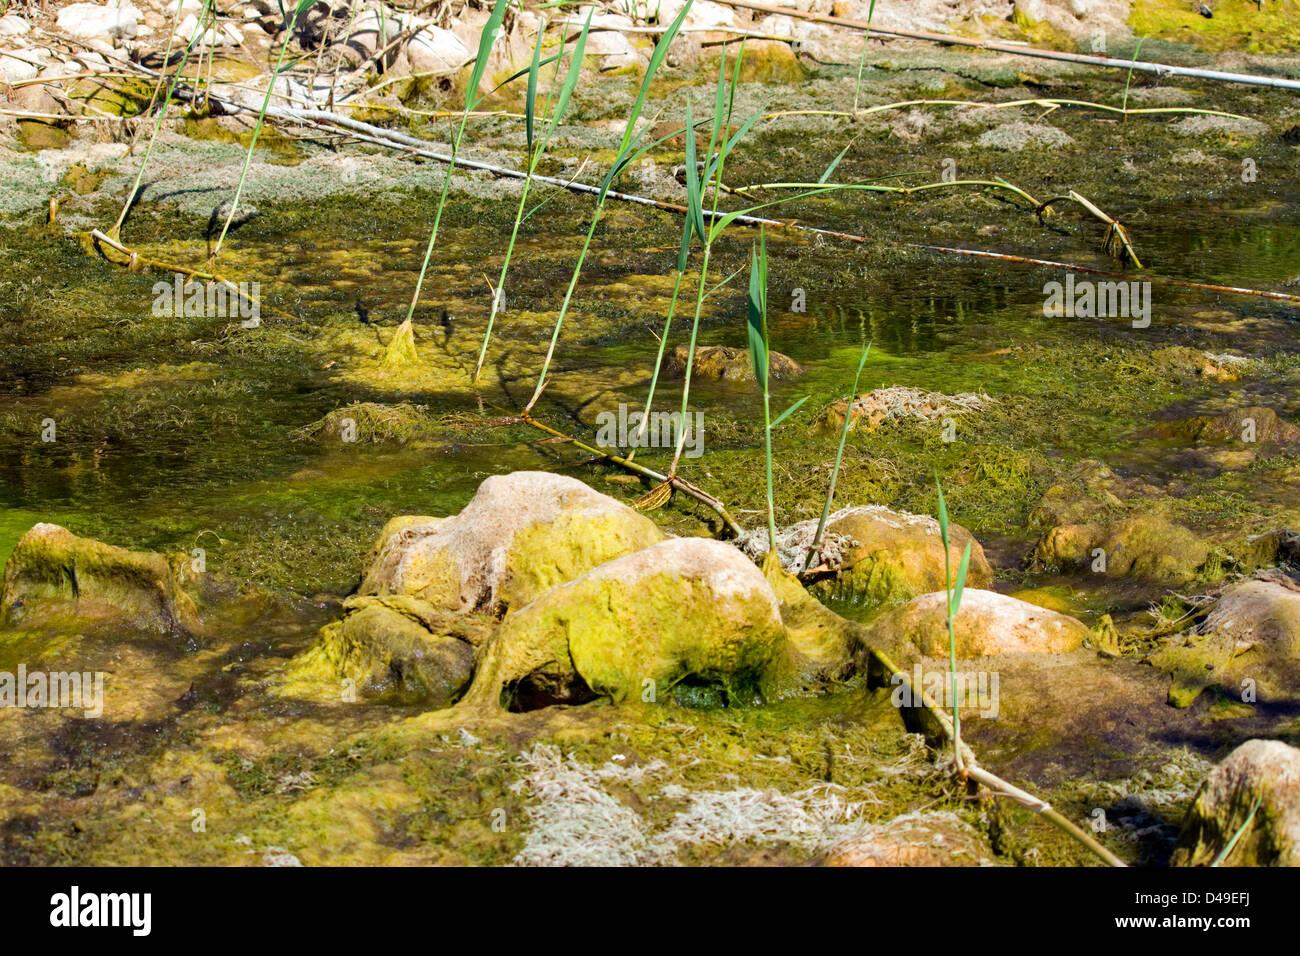 Rhizomes. Phragmites,  Common reed showing its rhizomes, method of colonisation. - Stock Image